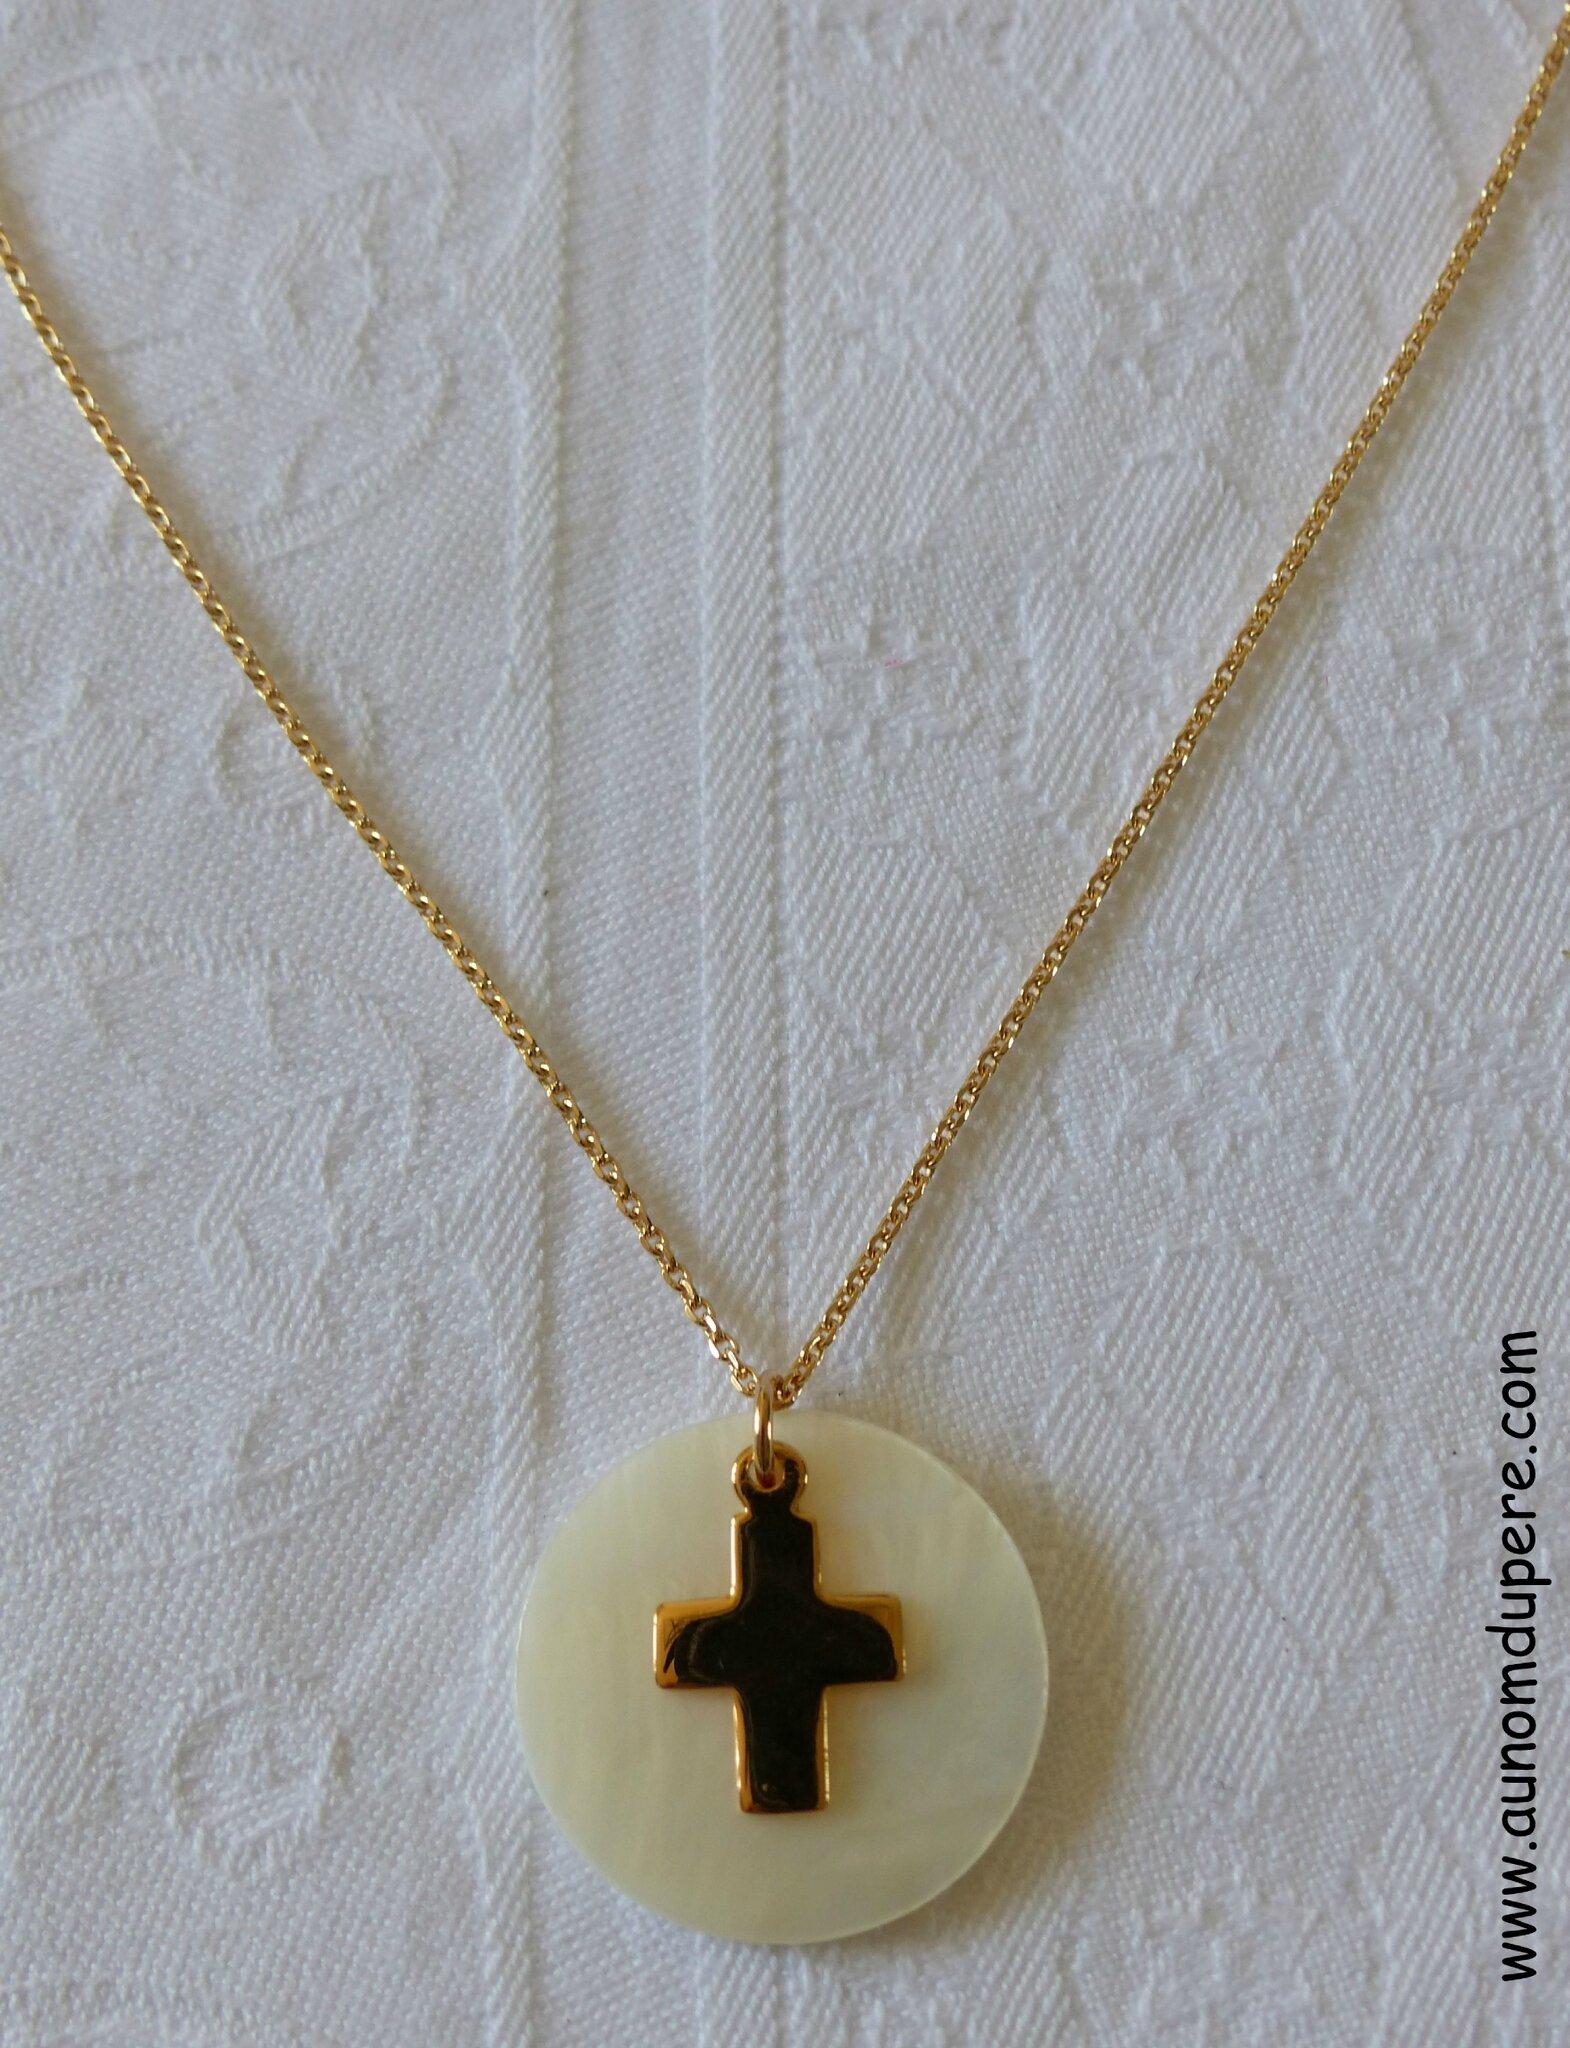 Collier de Communion (plaqué or) - 52 €